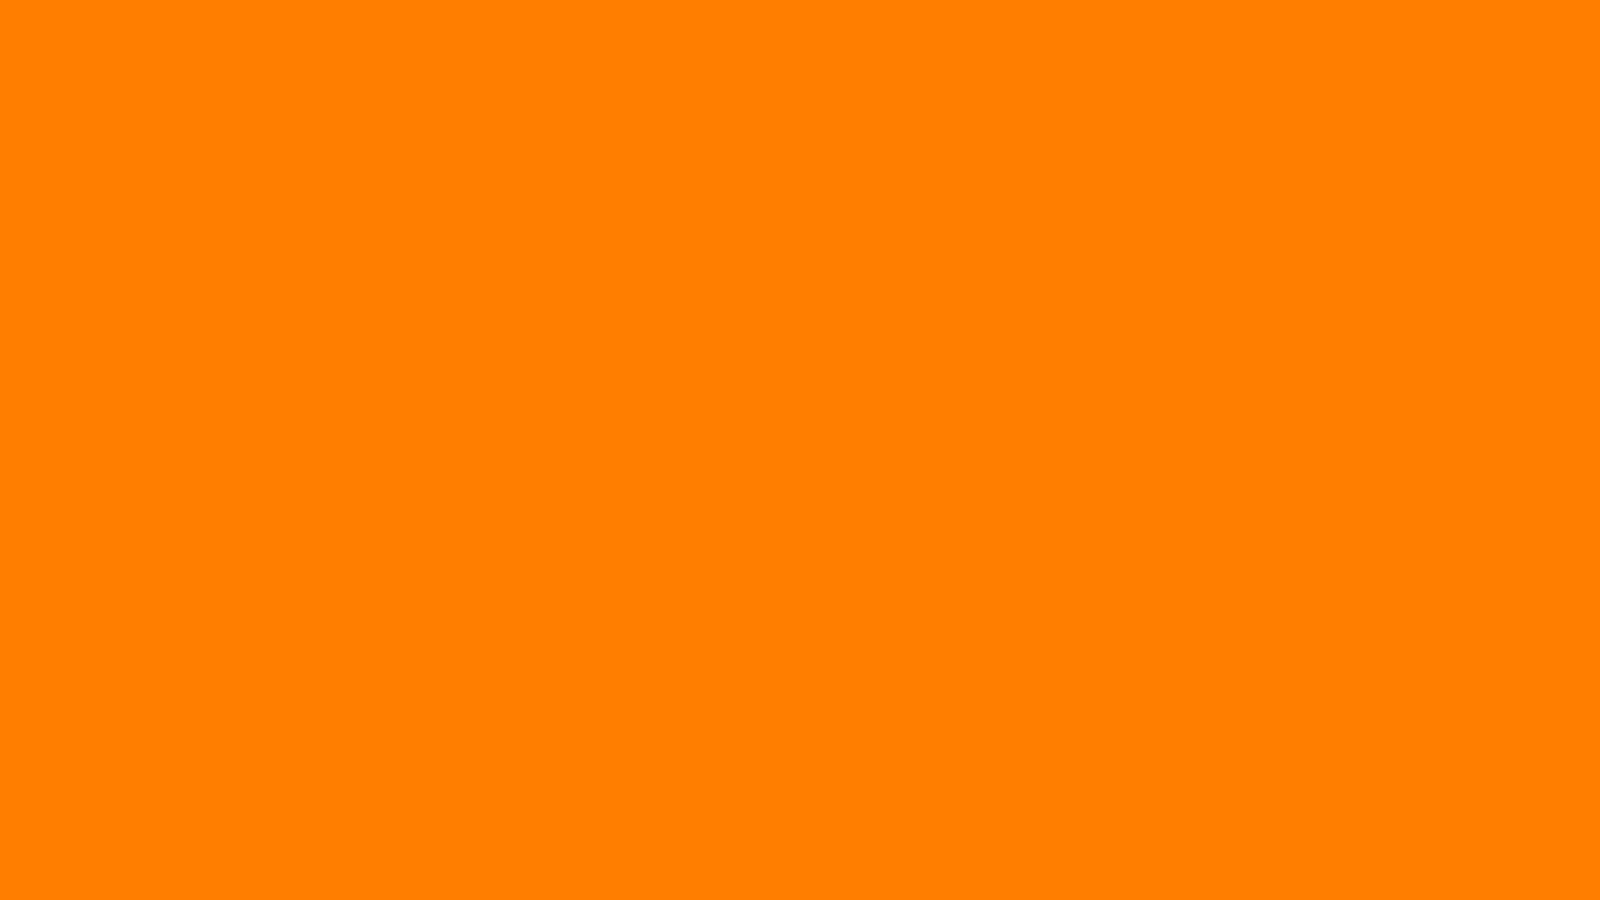 1600x900 Amber Orange Solid Color Background